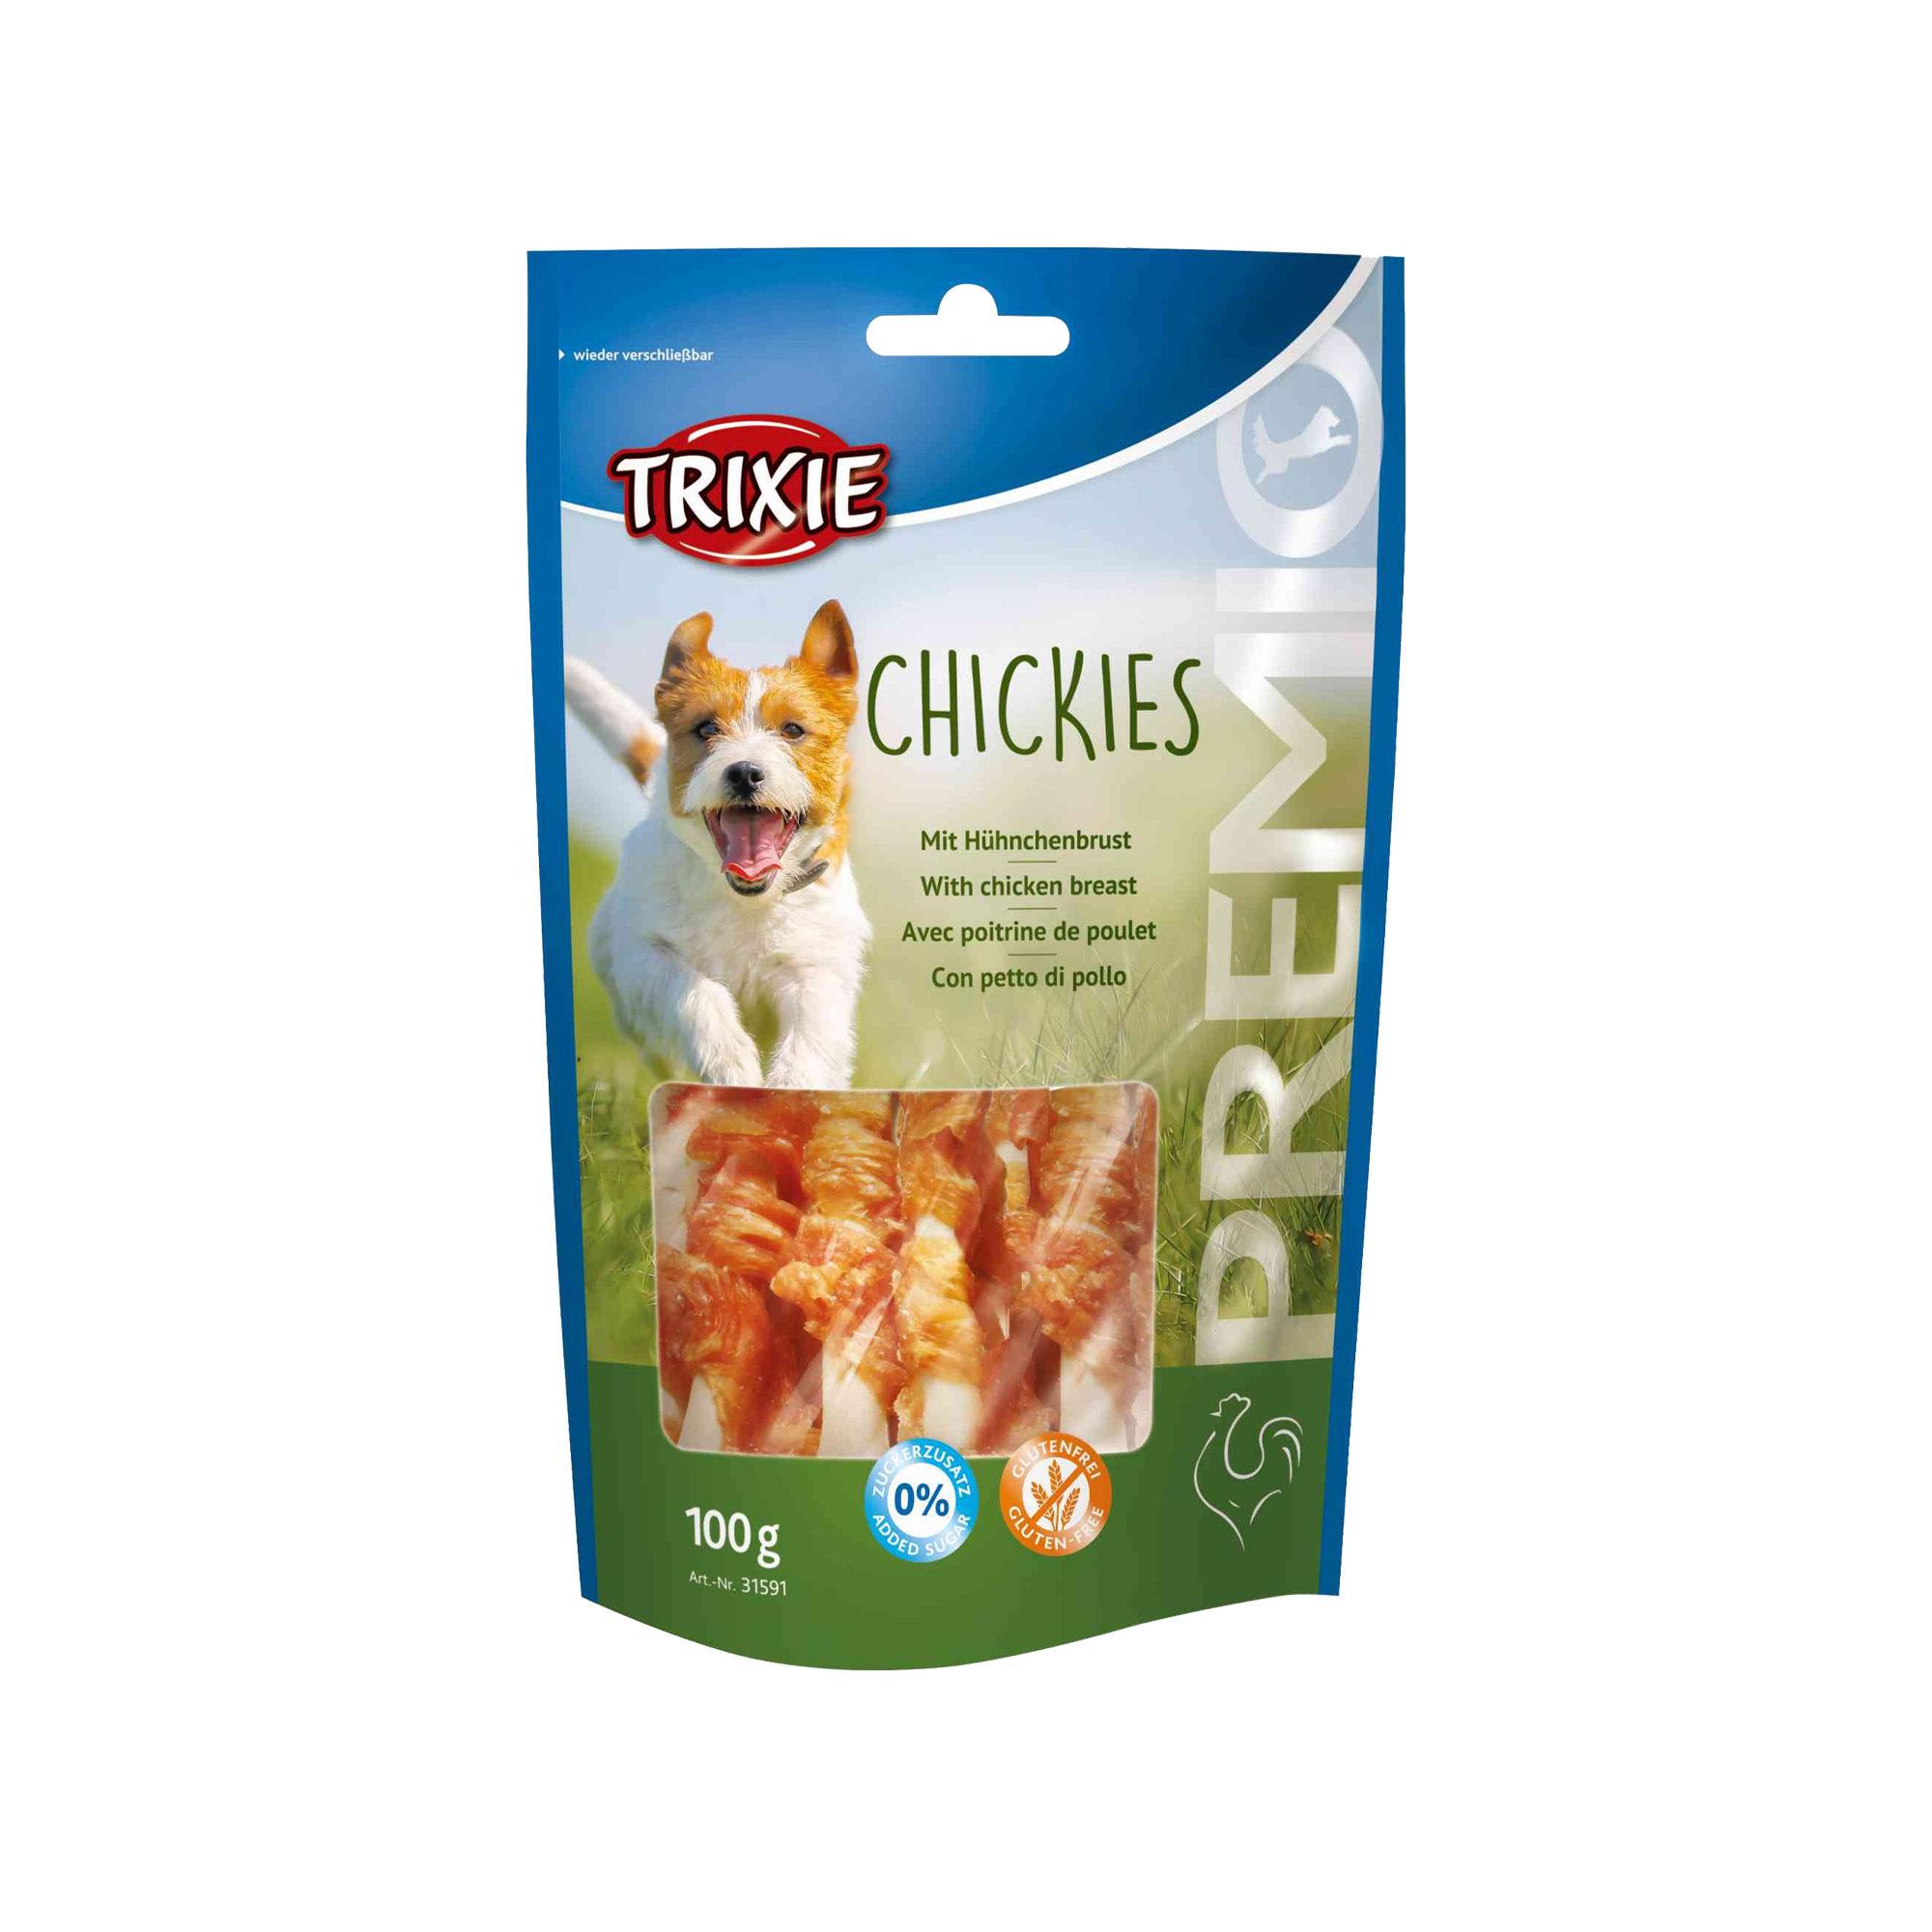 Trixie Premio - Chickies